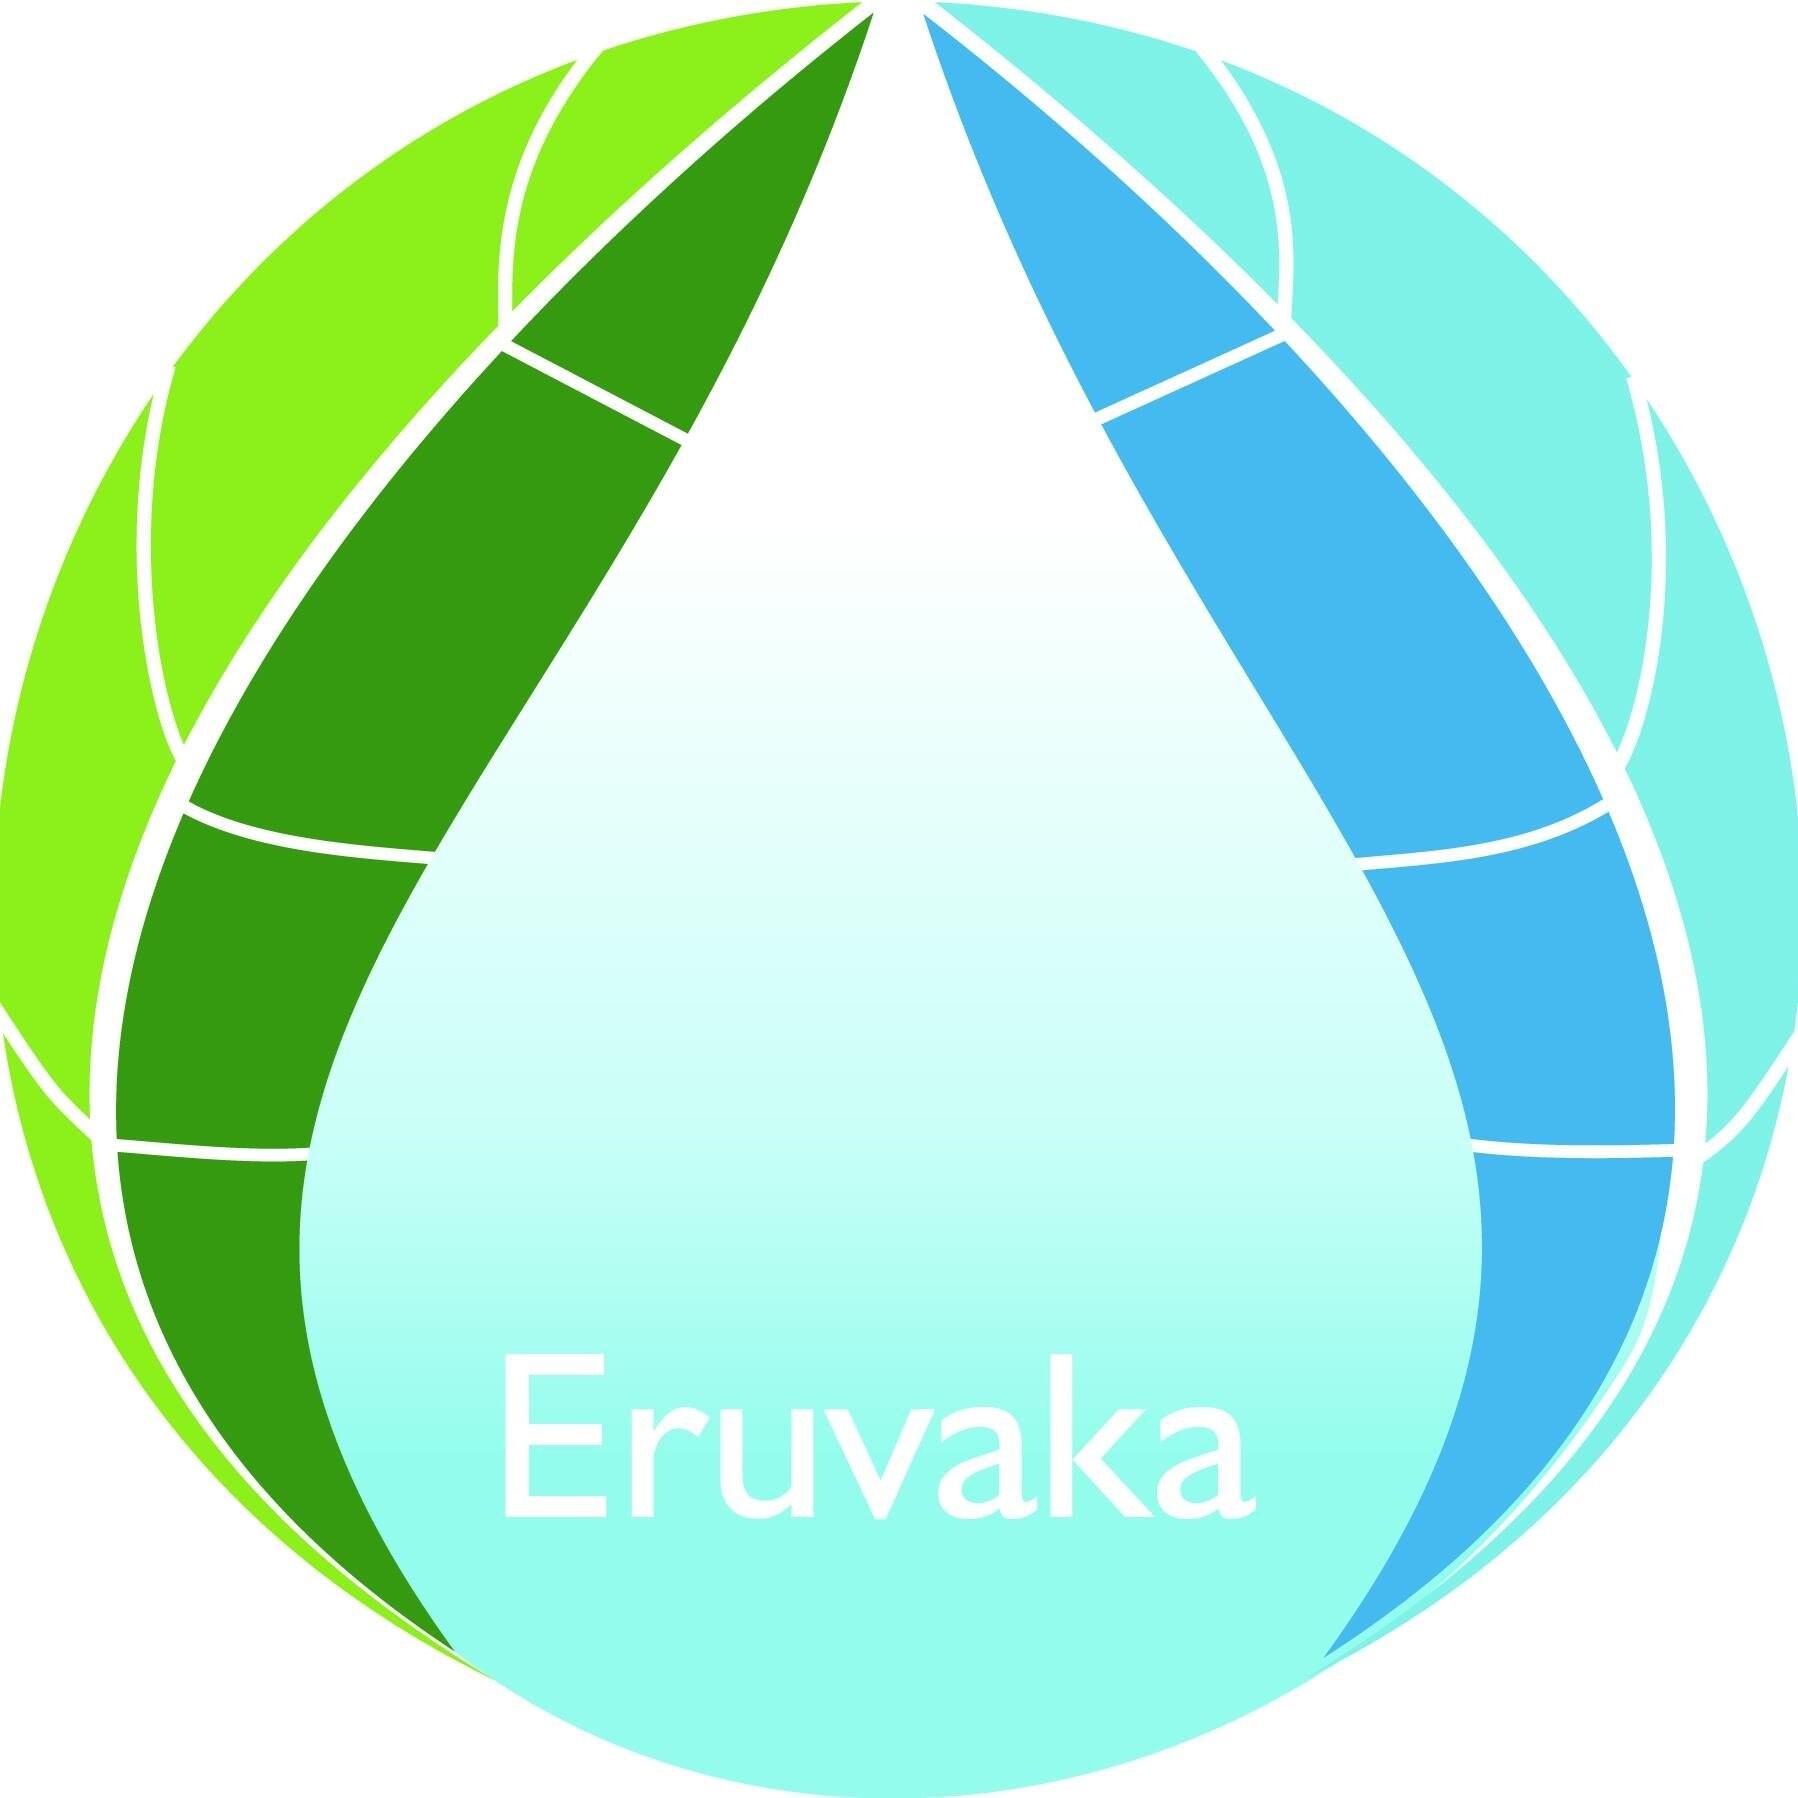 Eruvaka Technologies